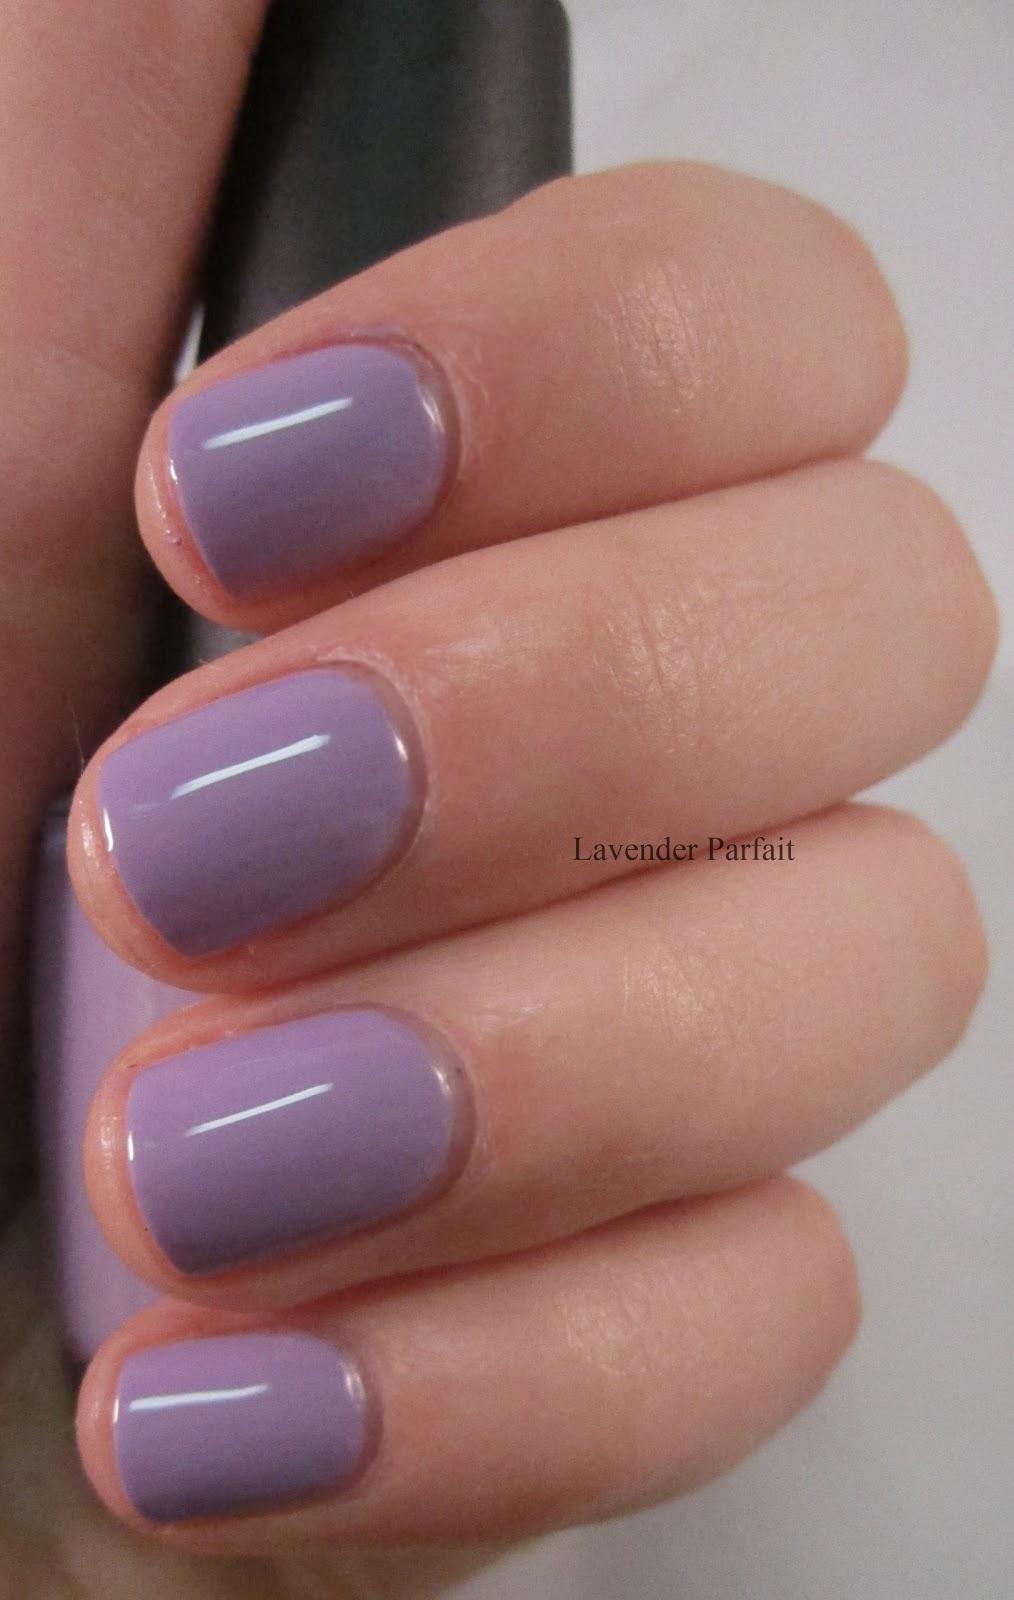 Lavender Parfait: OPI Do You Lilac It? and Clarins 230  Lavender Parfai...